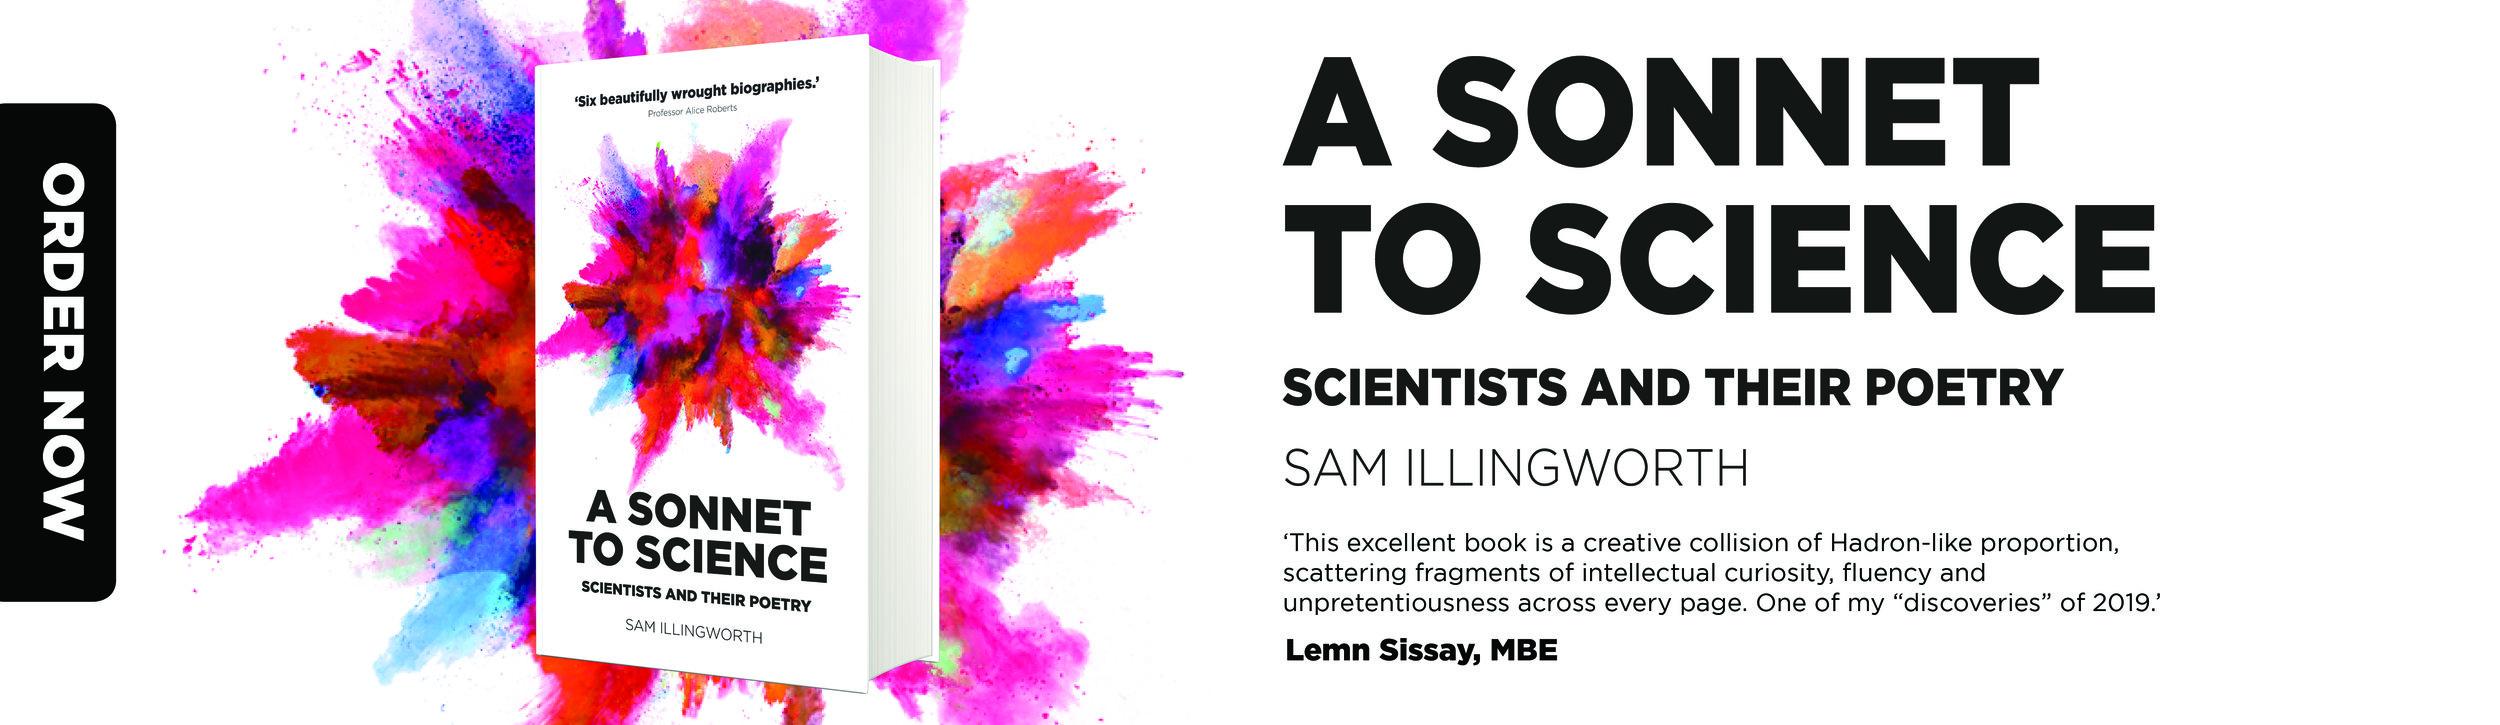 Sonnet to Science desktop banner.jpg